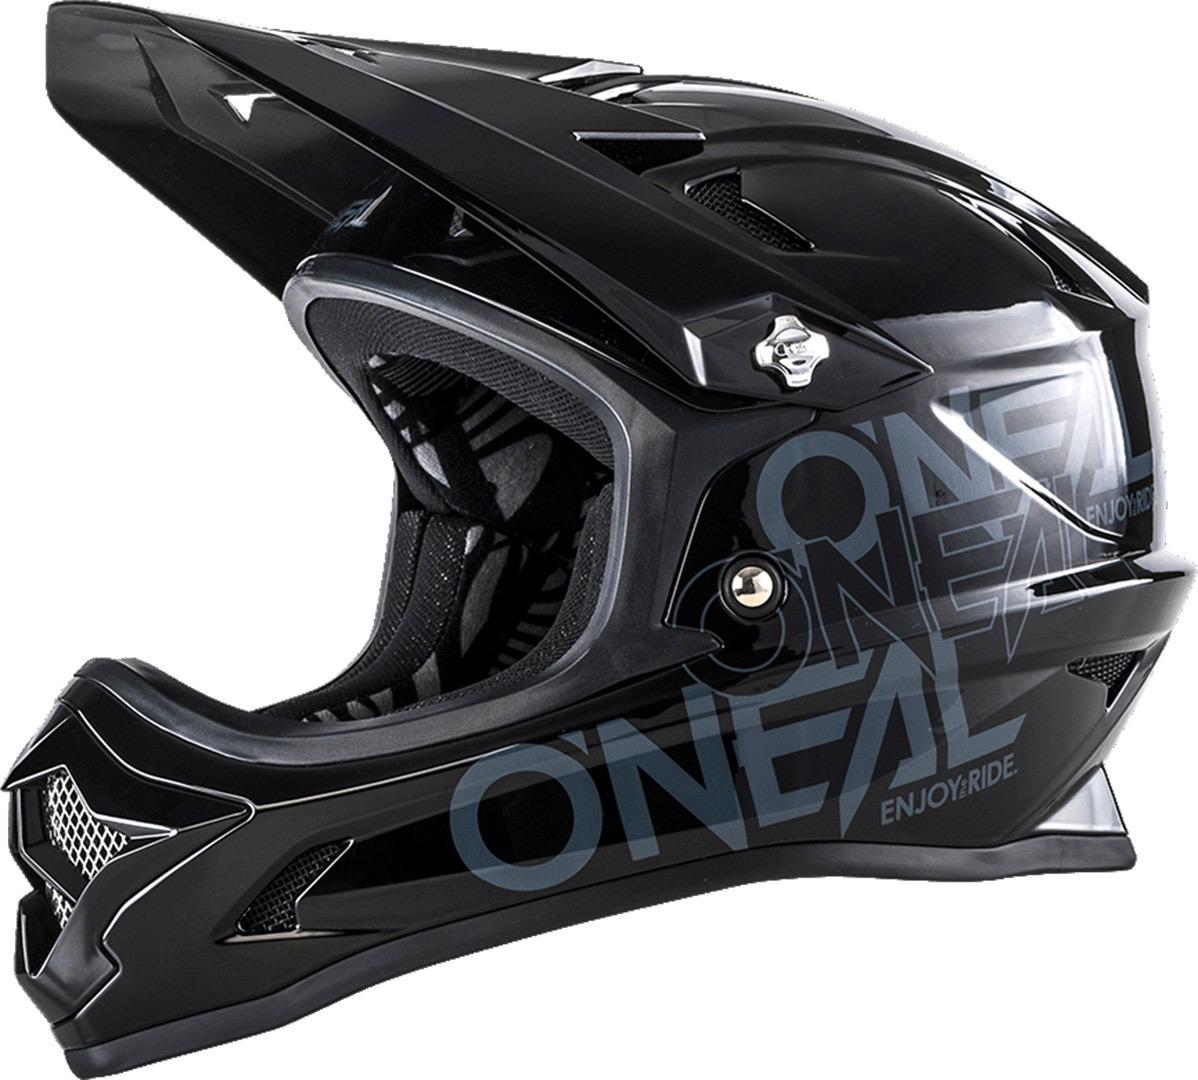 O´Neal Backflip RL2 Solid Youth 2018モデル ヘルメット 自転車 ダウンヒル MTB XC BMX マウンテンバイク ロード ユース 子供用 クロスカントリー 【黒】【AMACLUB】